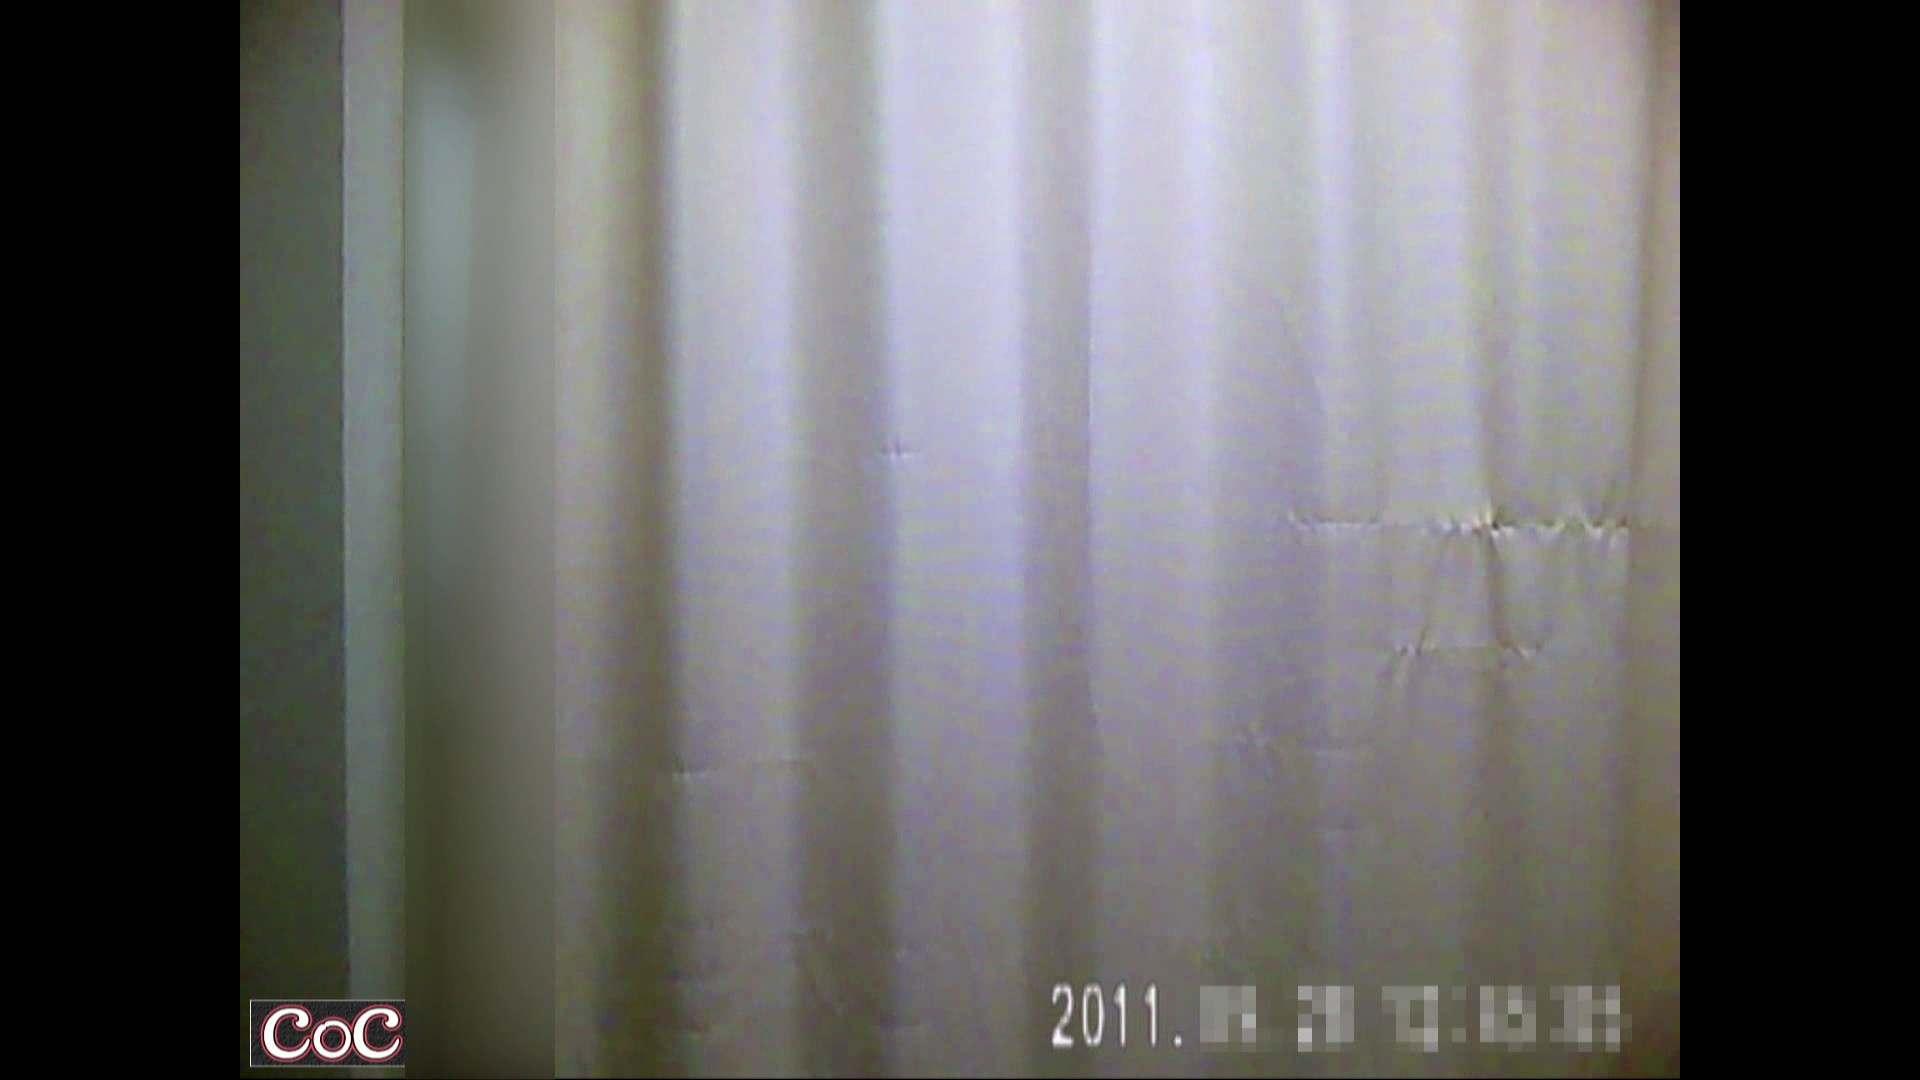 病院おもいっきり着替え! vol.41 巨乳 オマンコ動画キャプチャ 104pic 54